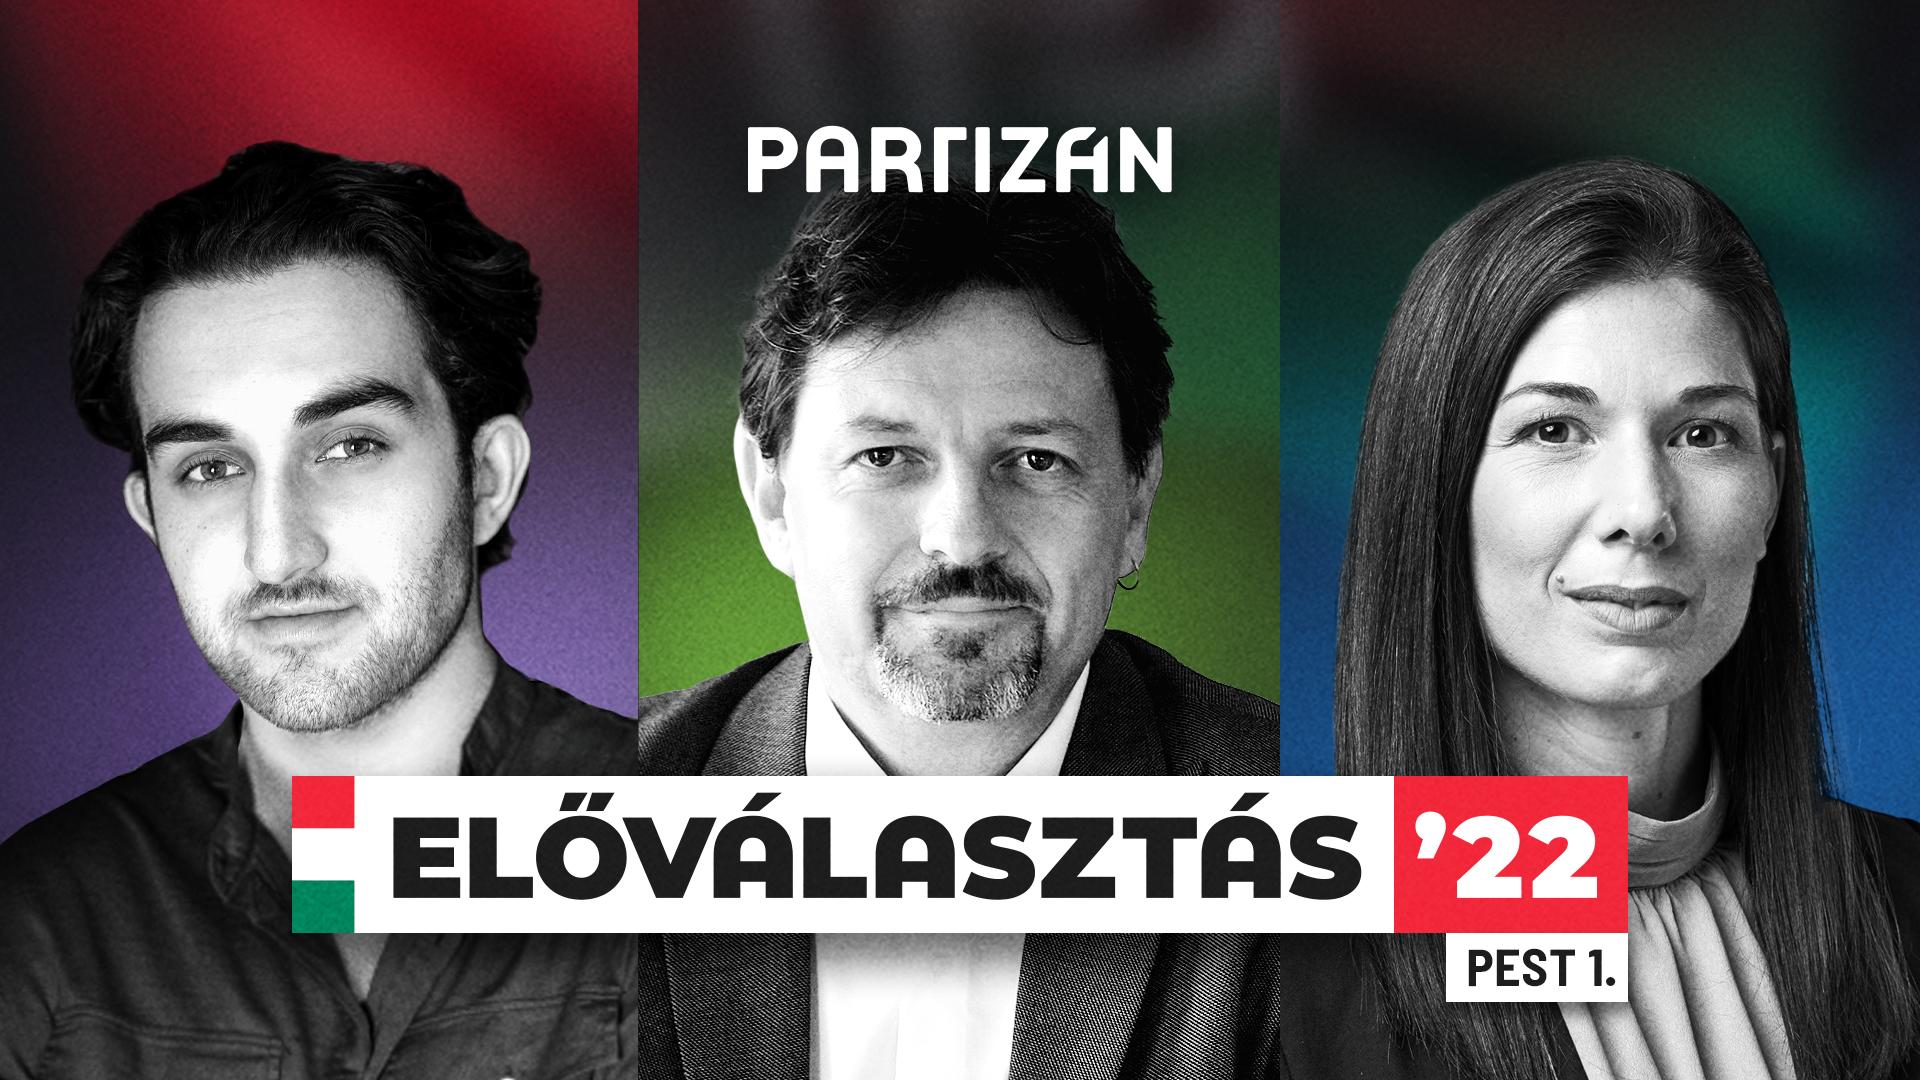 Kihívások az agglomerációban, igazságos újraelosztás, ellenzéki dezertőrök - kövesd élőben Bősz Anett, Tetlák Örs és Ollero Marco előválasztási vitáját!